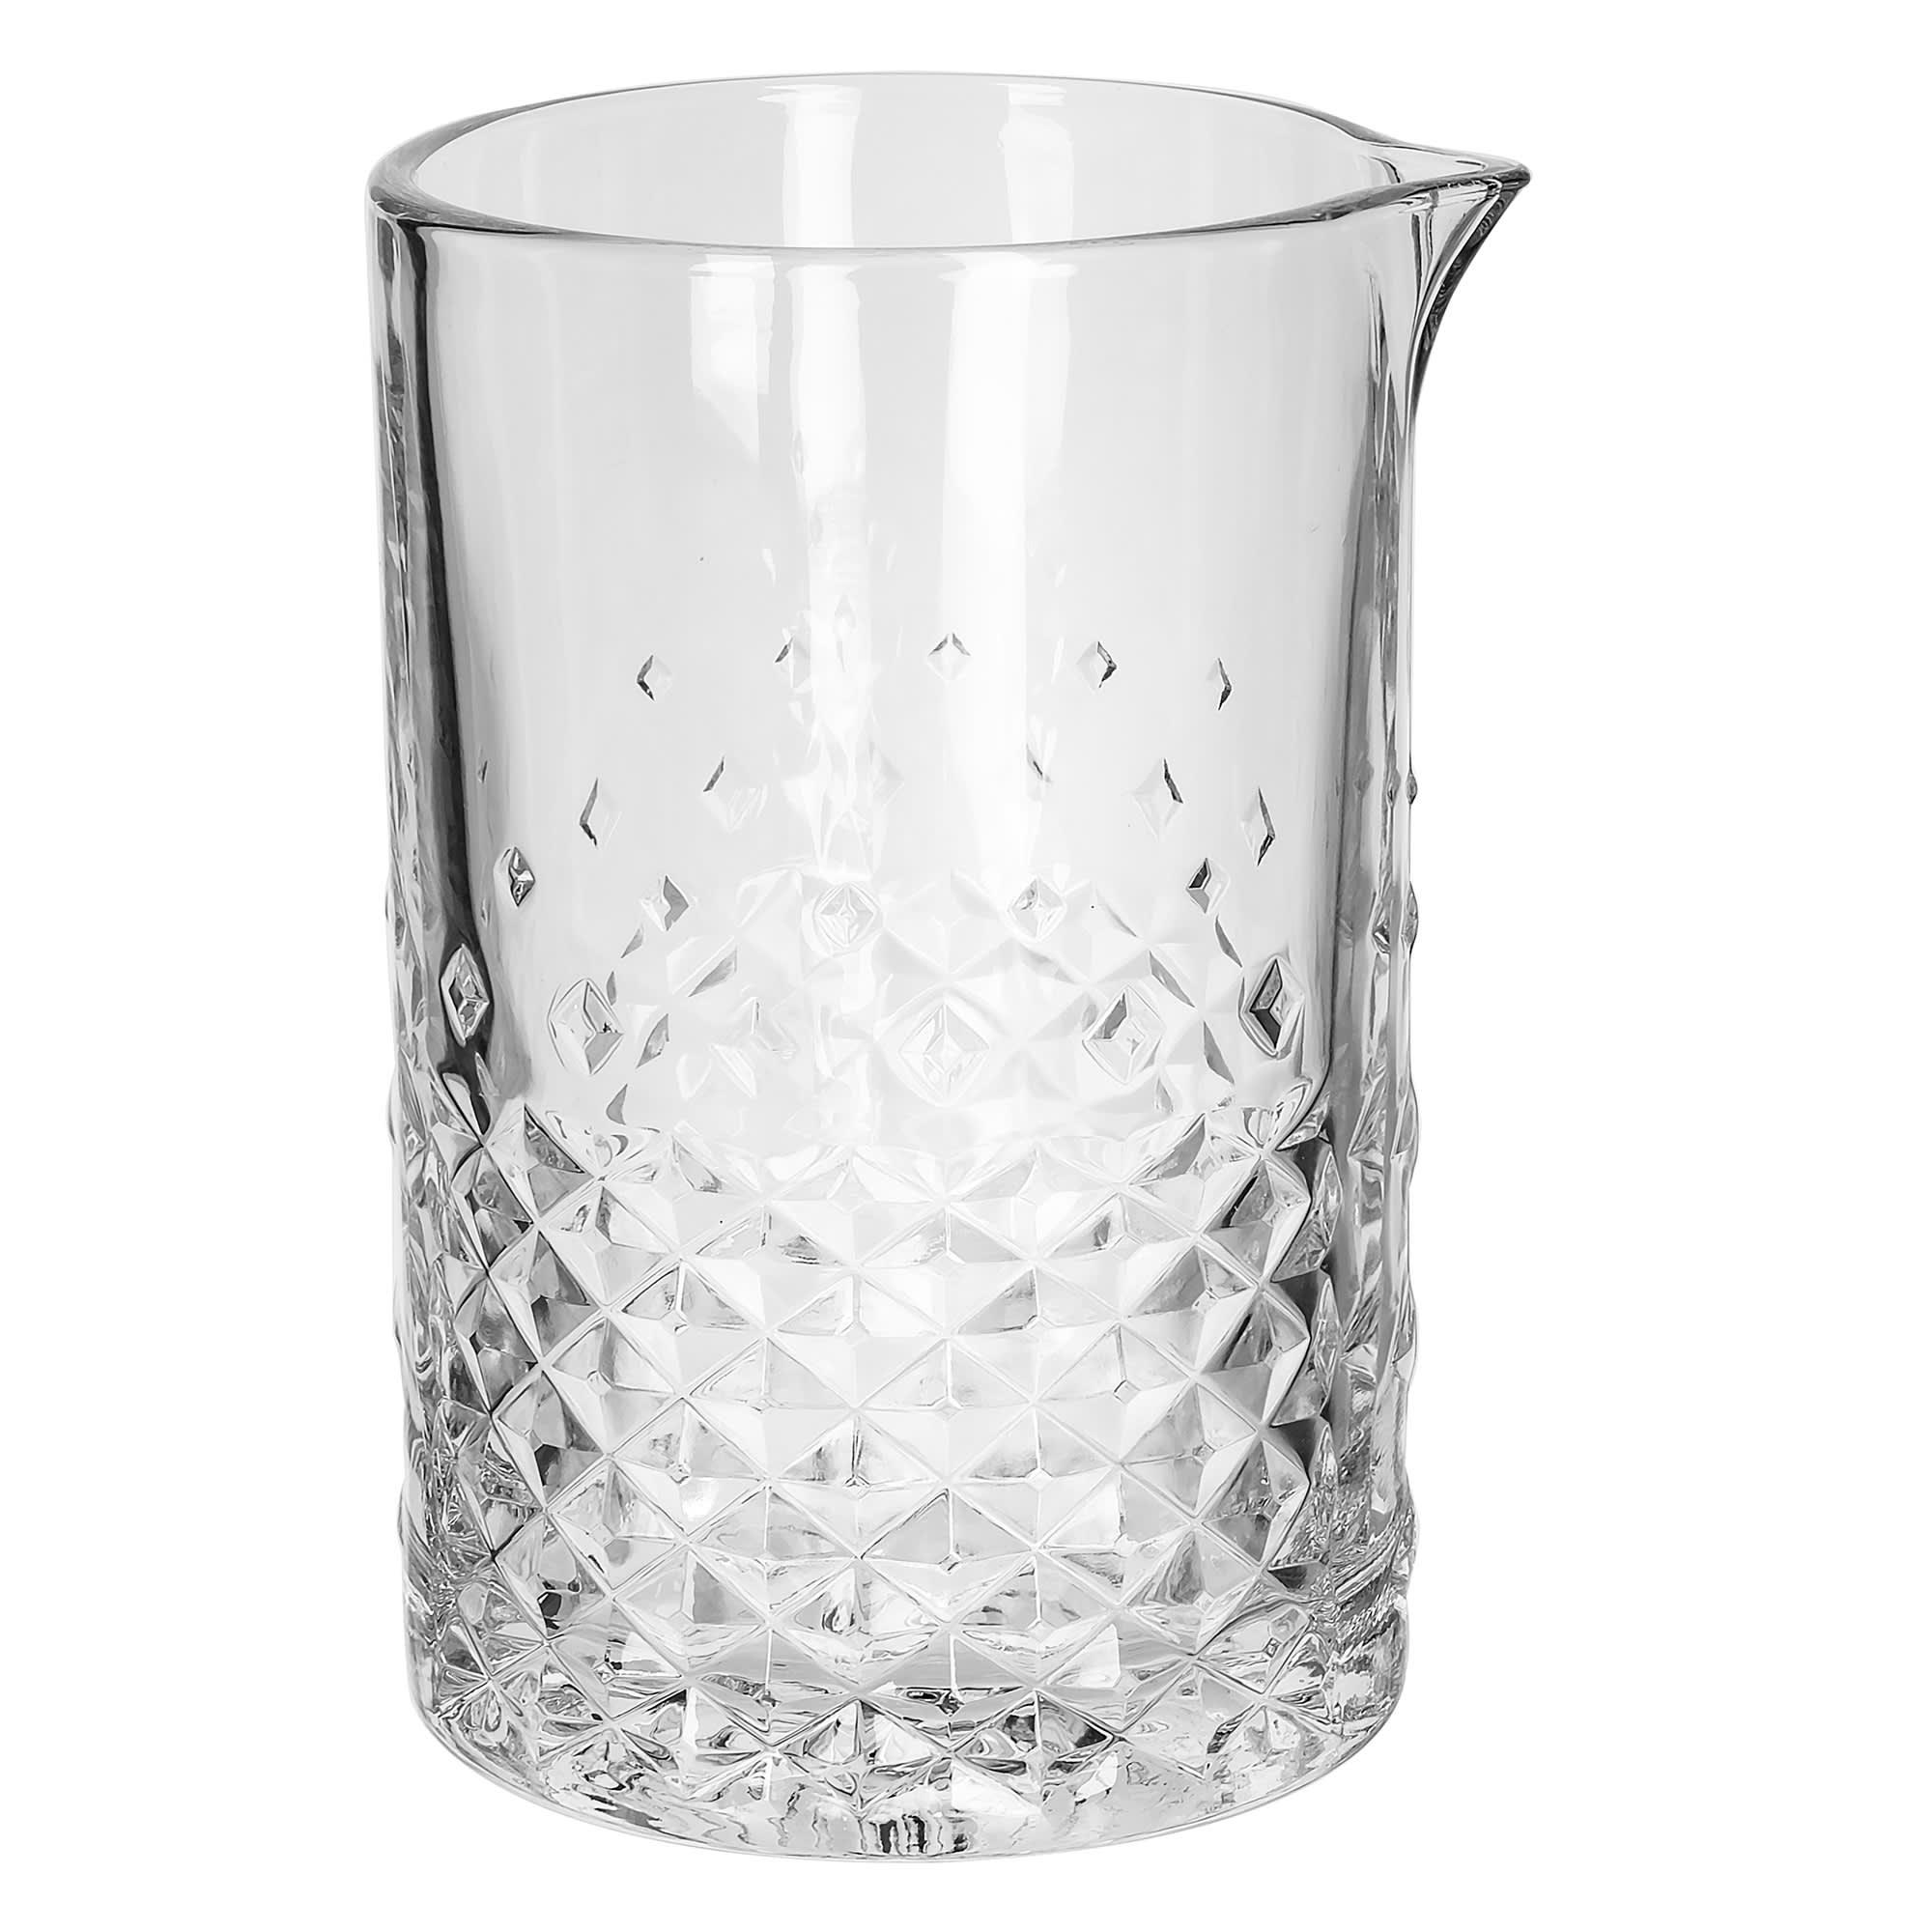 Libbey 926781 25.25 oz Carats Stirring Glass w/ Pour Spout